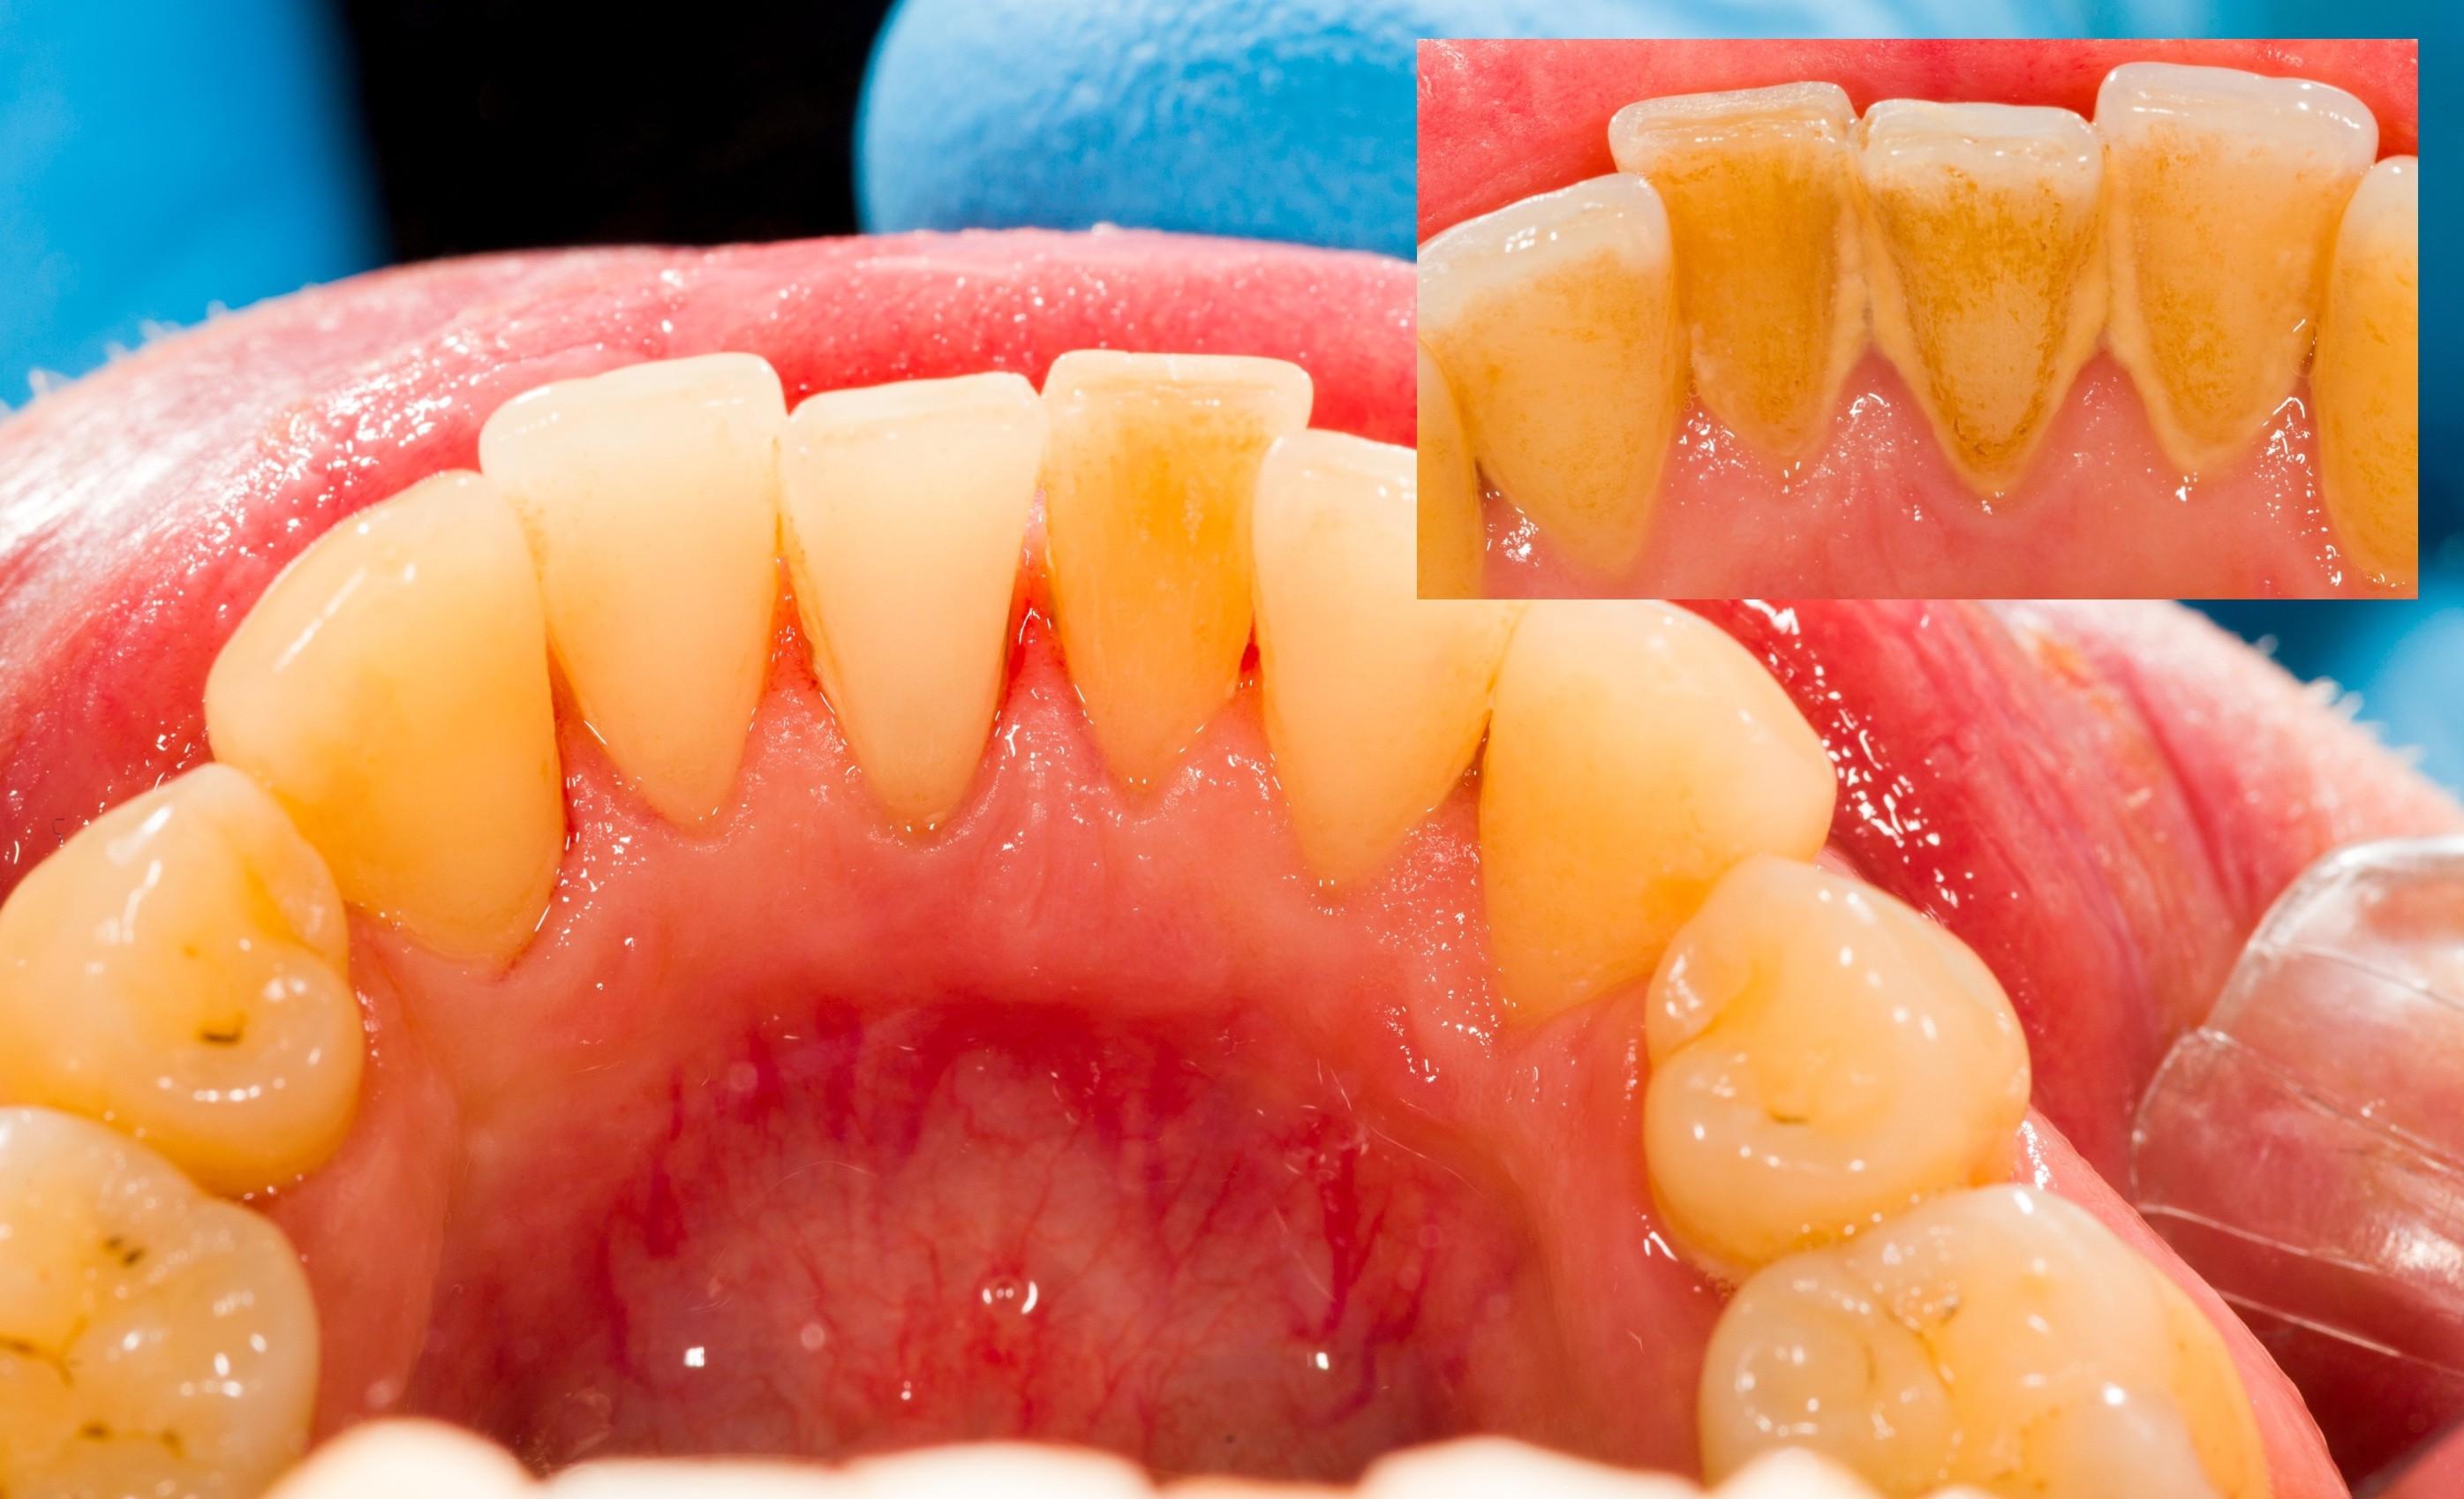 Картинки зубных отложений